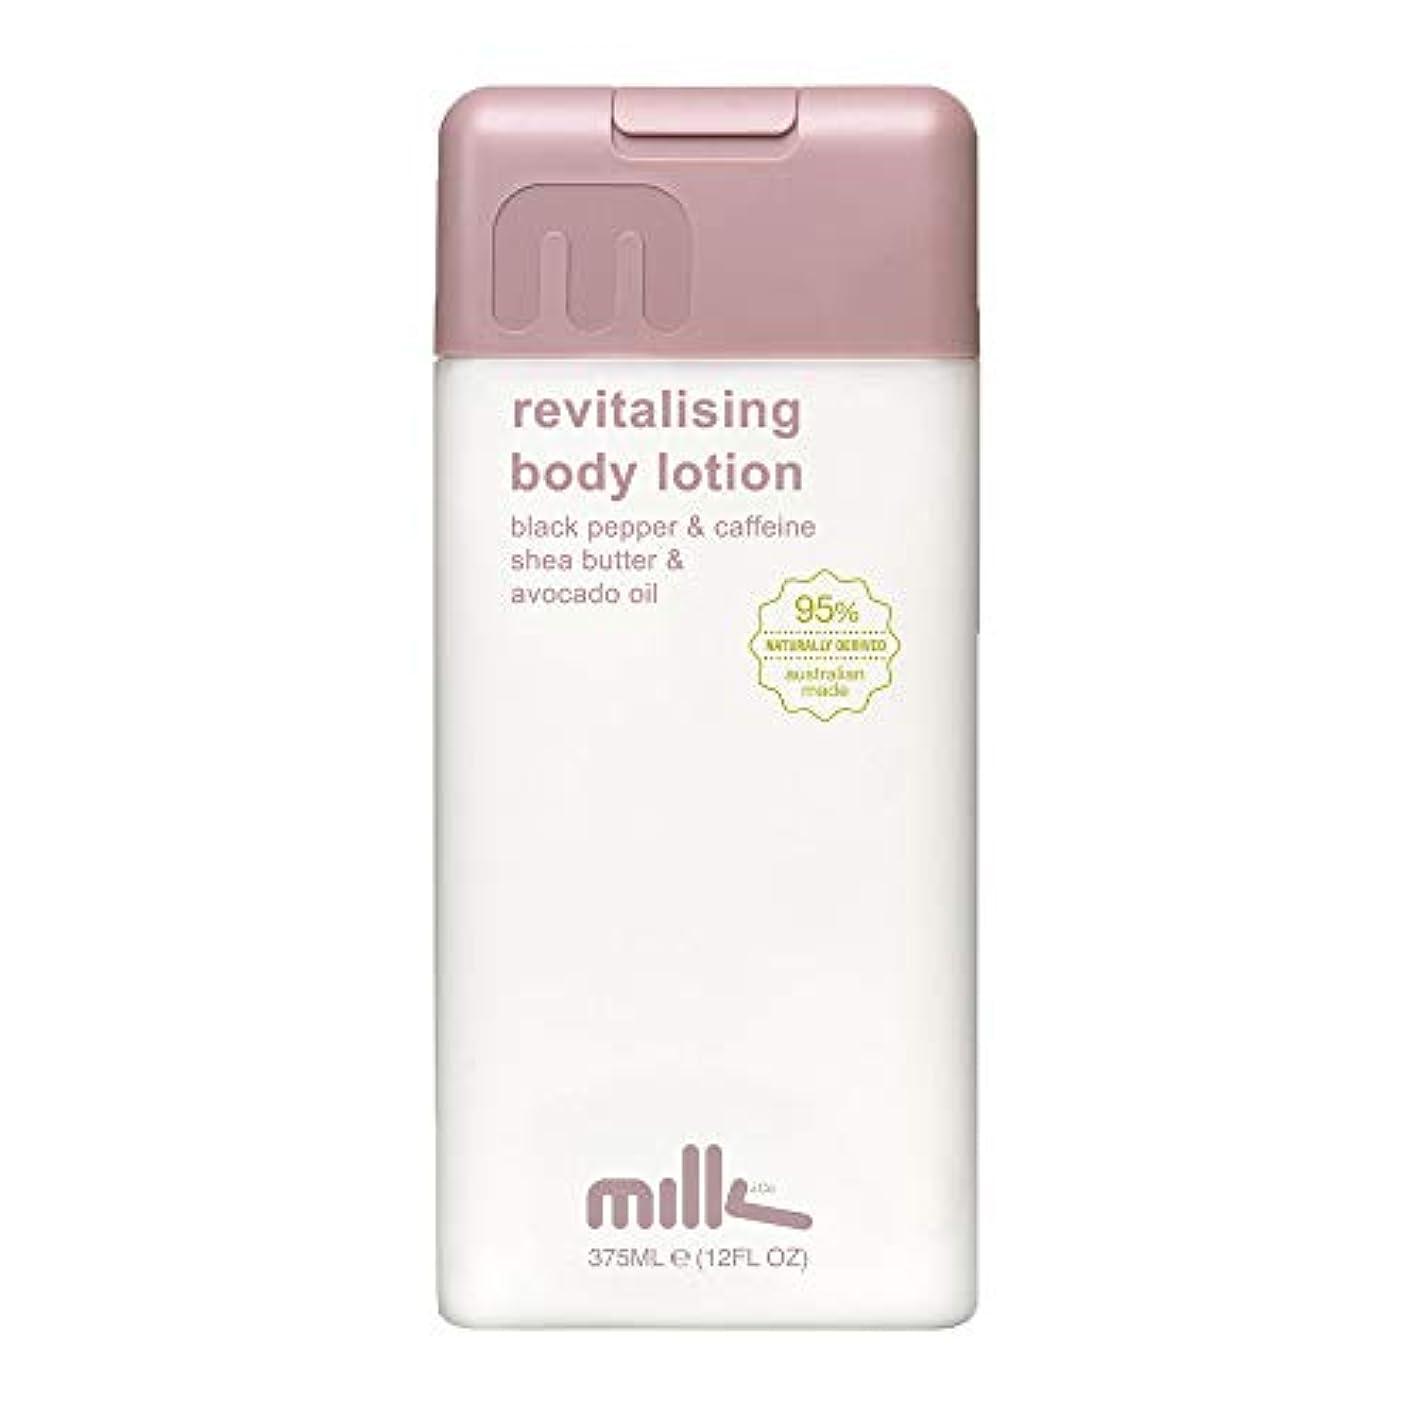 取り戻す振る舞い変わるMILK(ミルク) REVITALISING BODY LOTION 375ml ボディクリーム